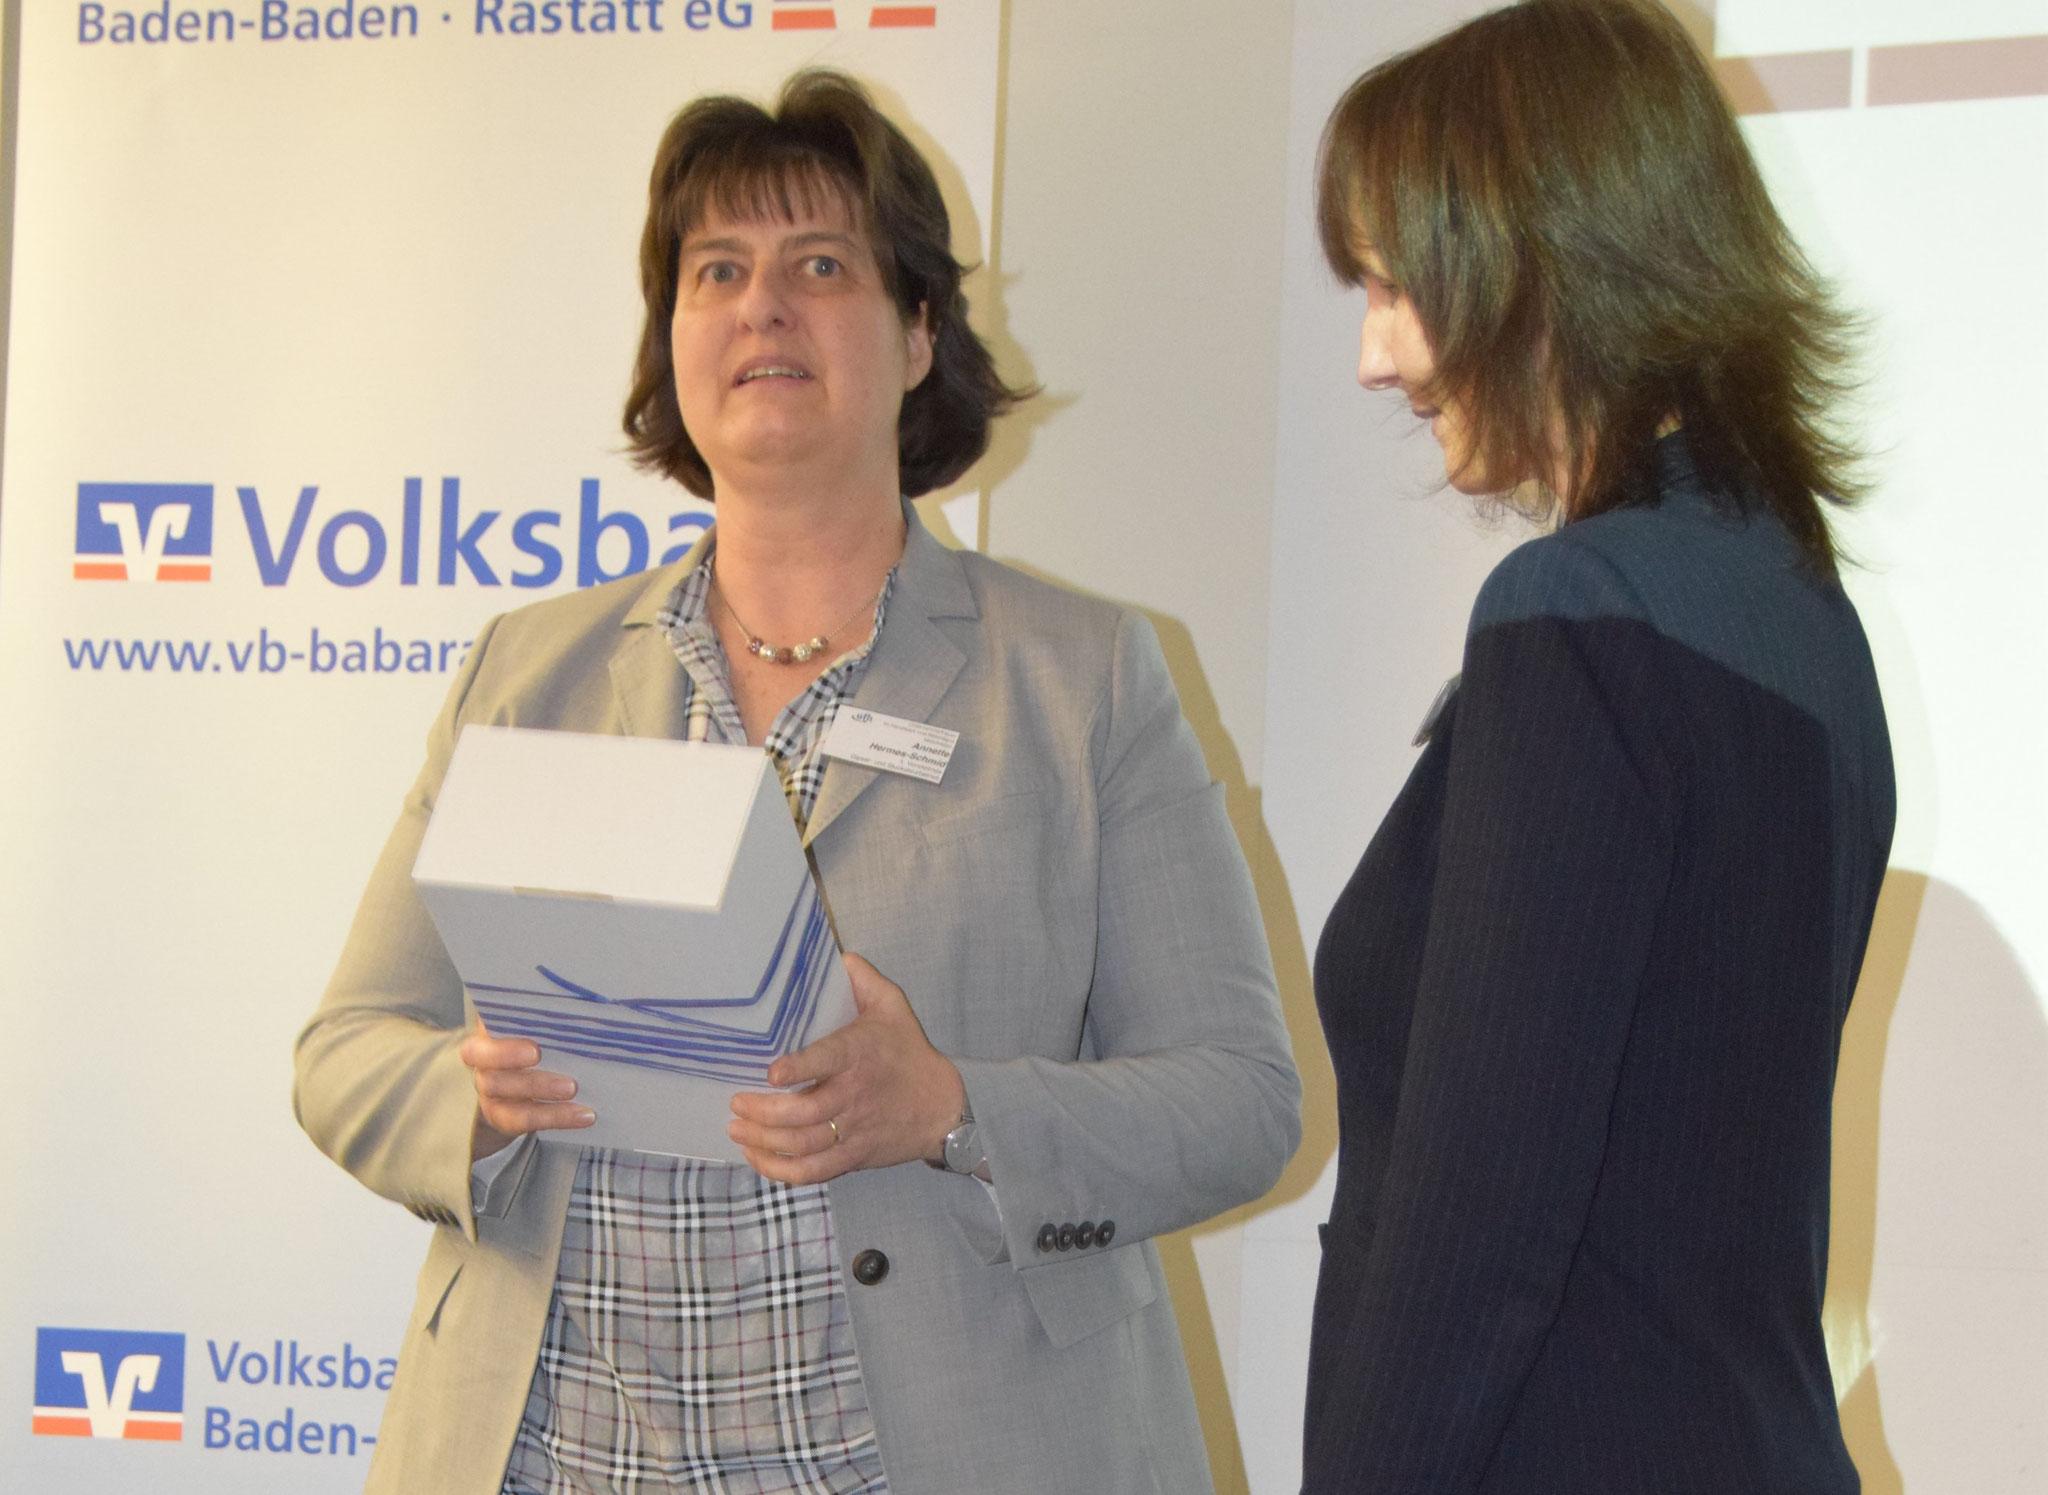 03-2019 Gratulation an  Sibylle Melcher für den hervorragenden Impulsvortrag